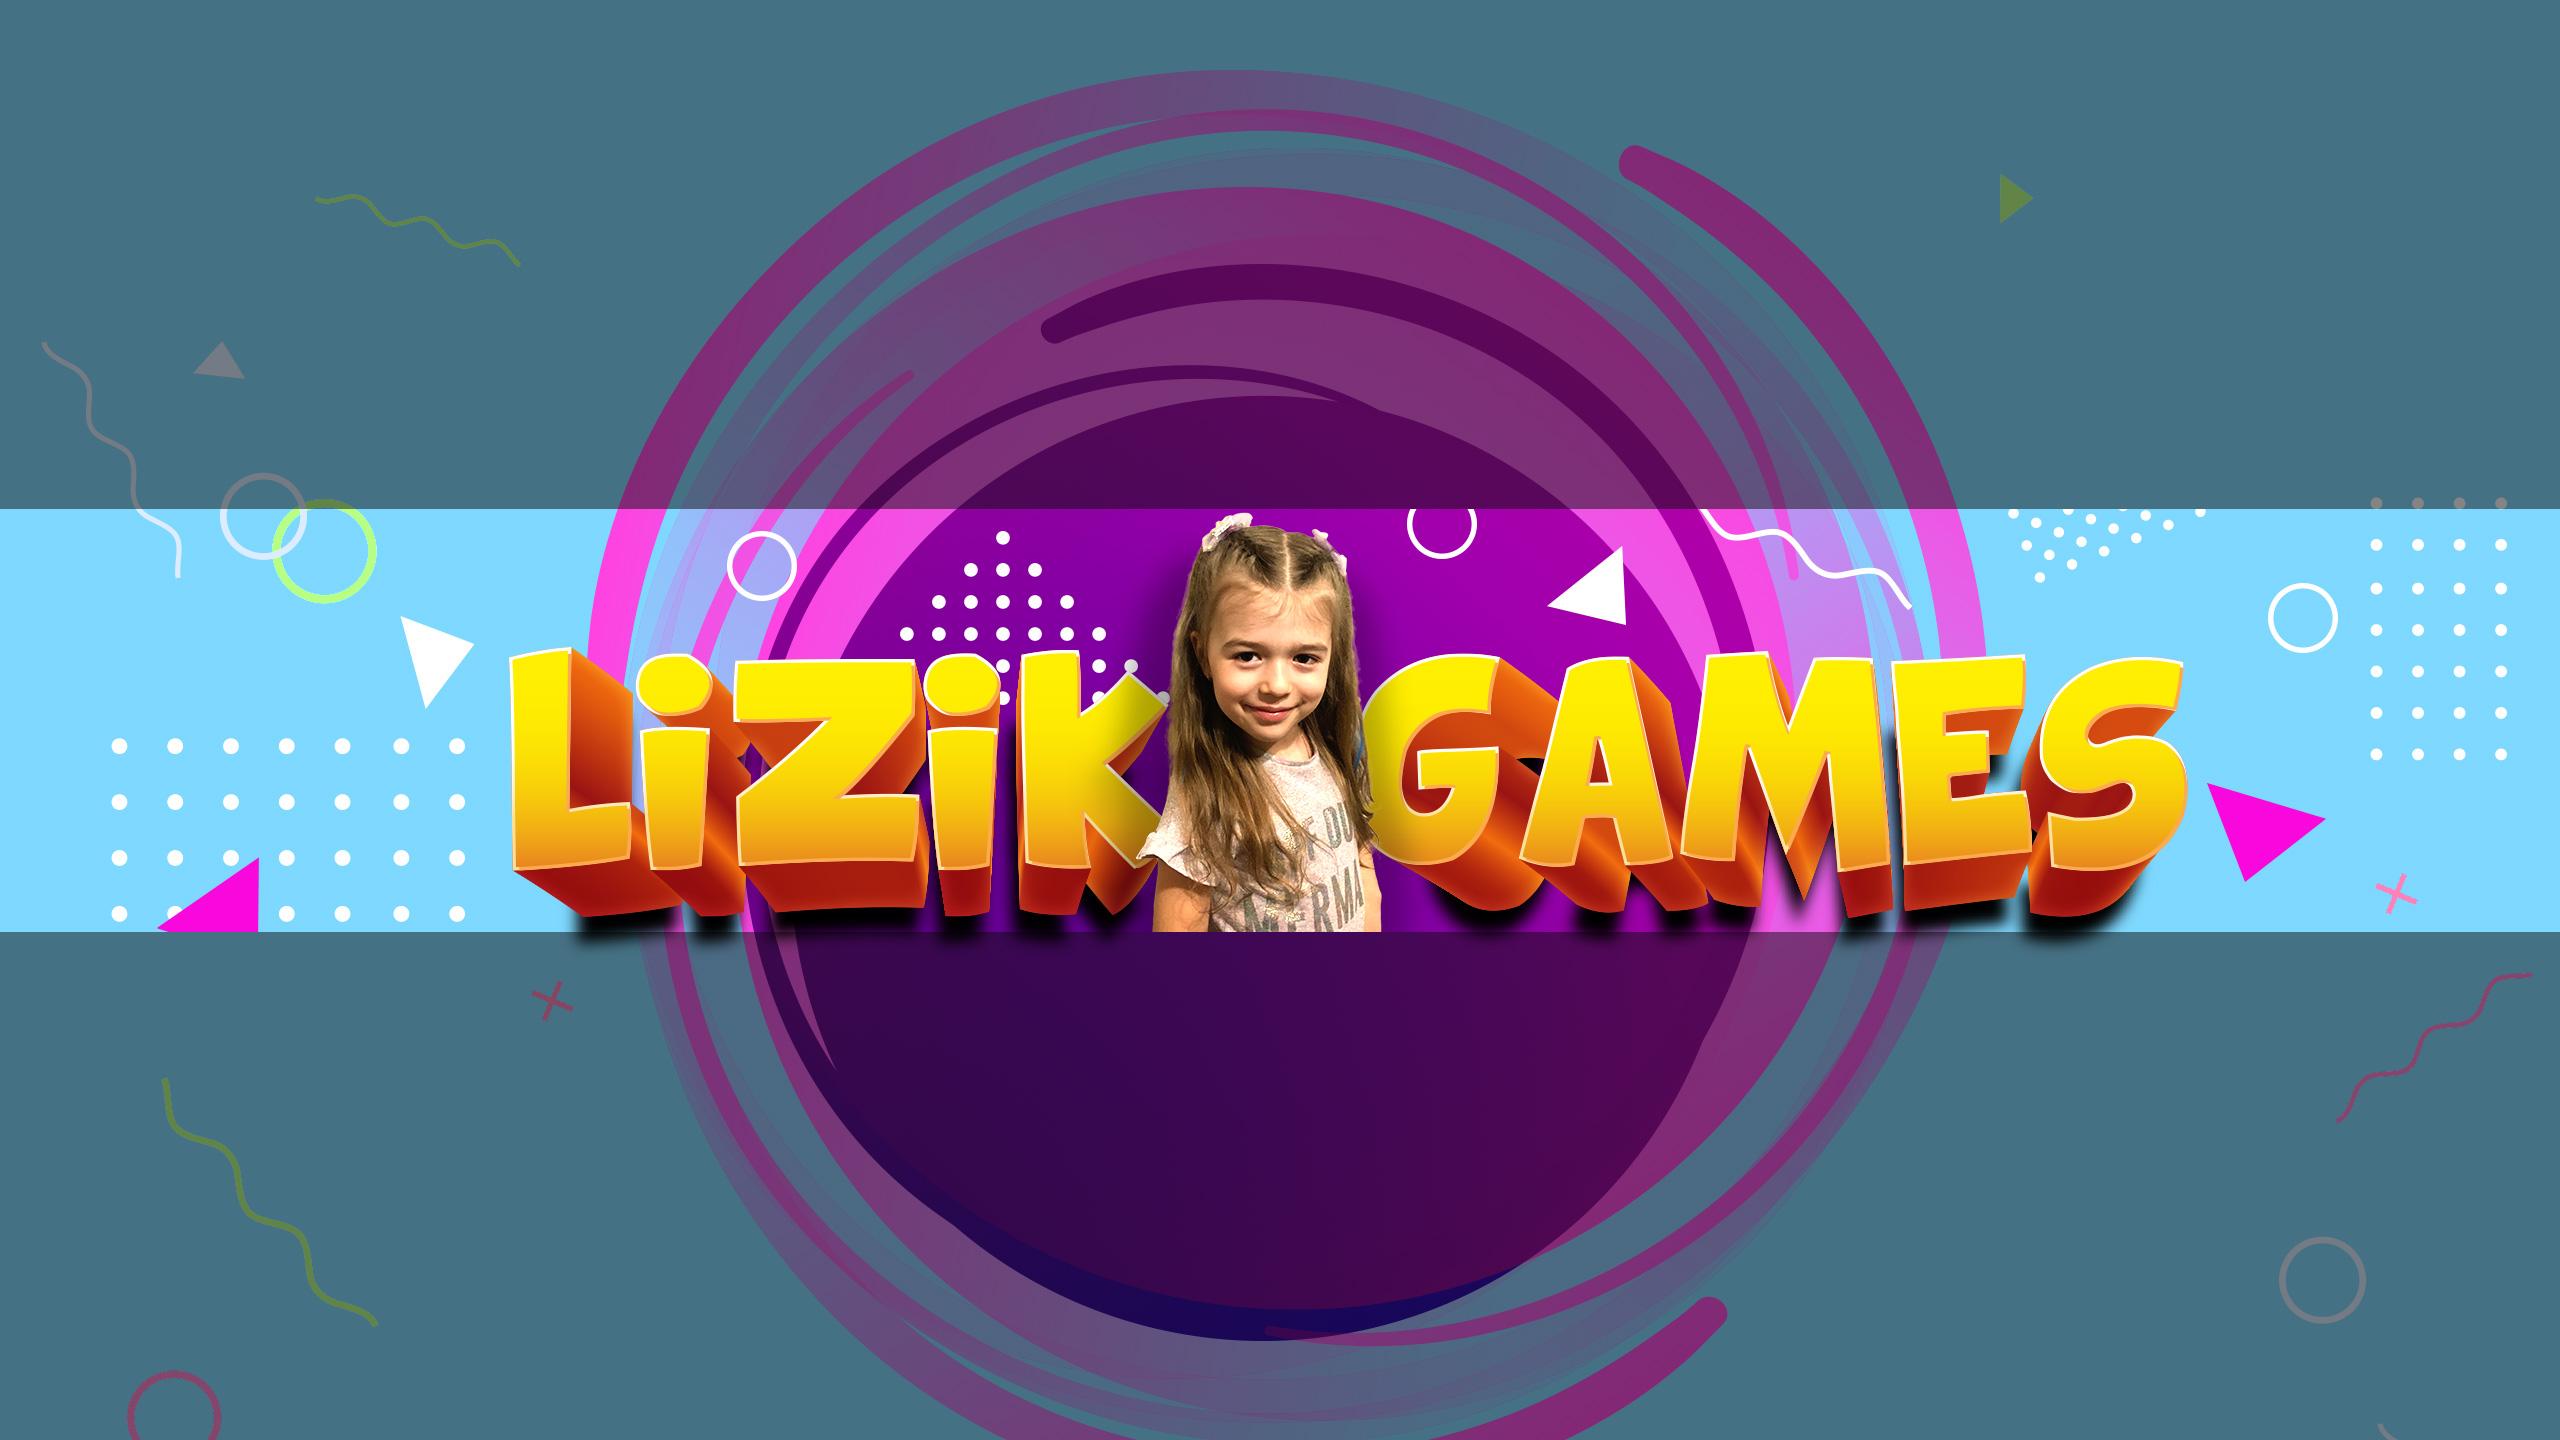 Картинка голубой баннер для ютуба с текстом и улыбающейся девочкой в фиолетовом круге